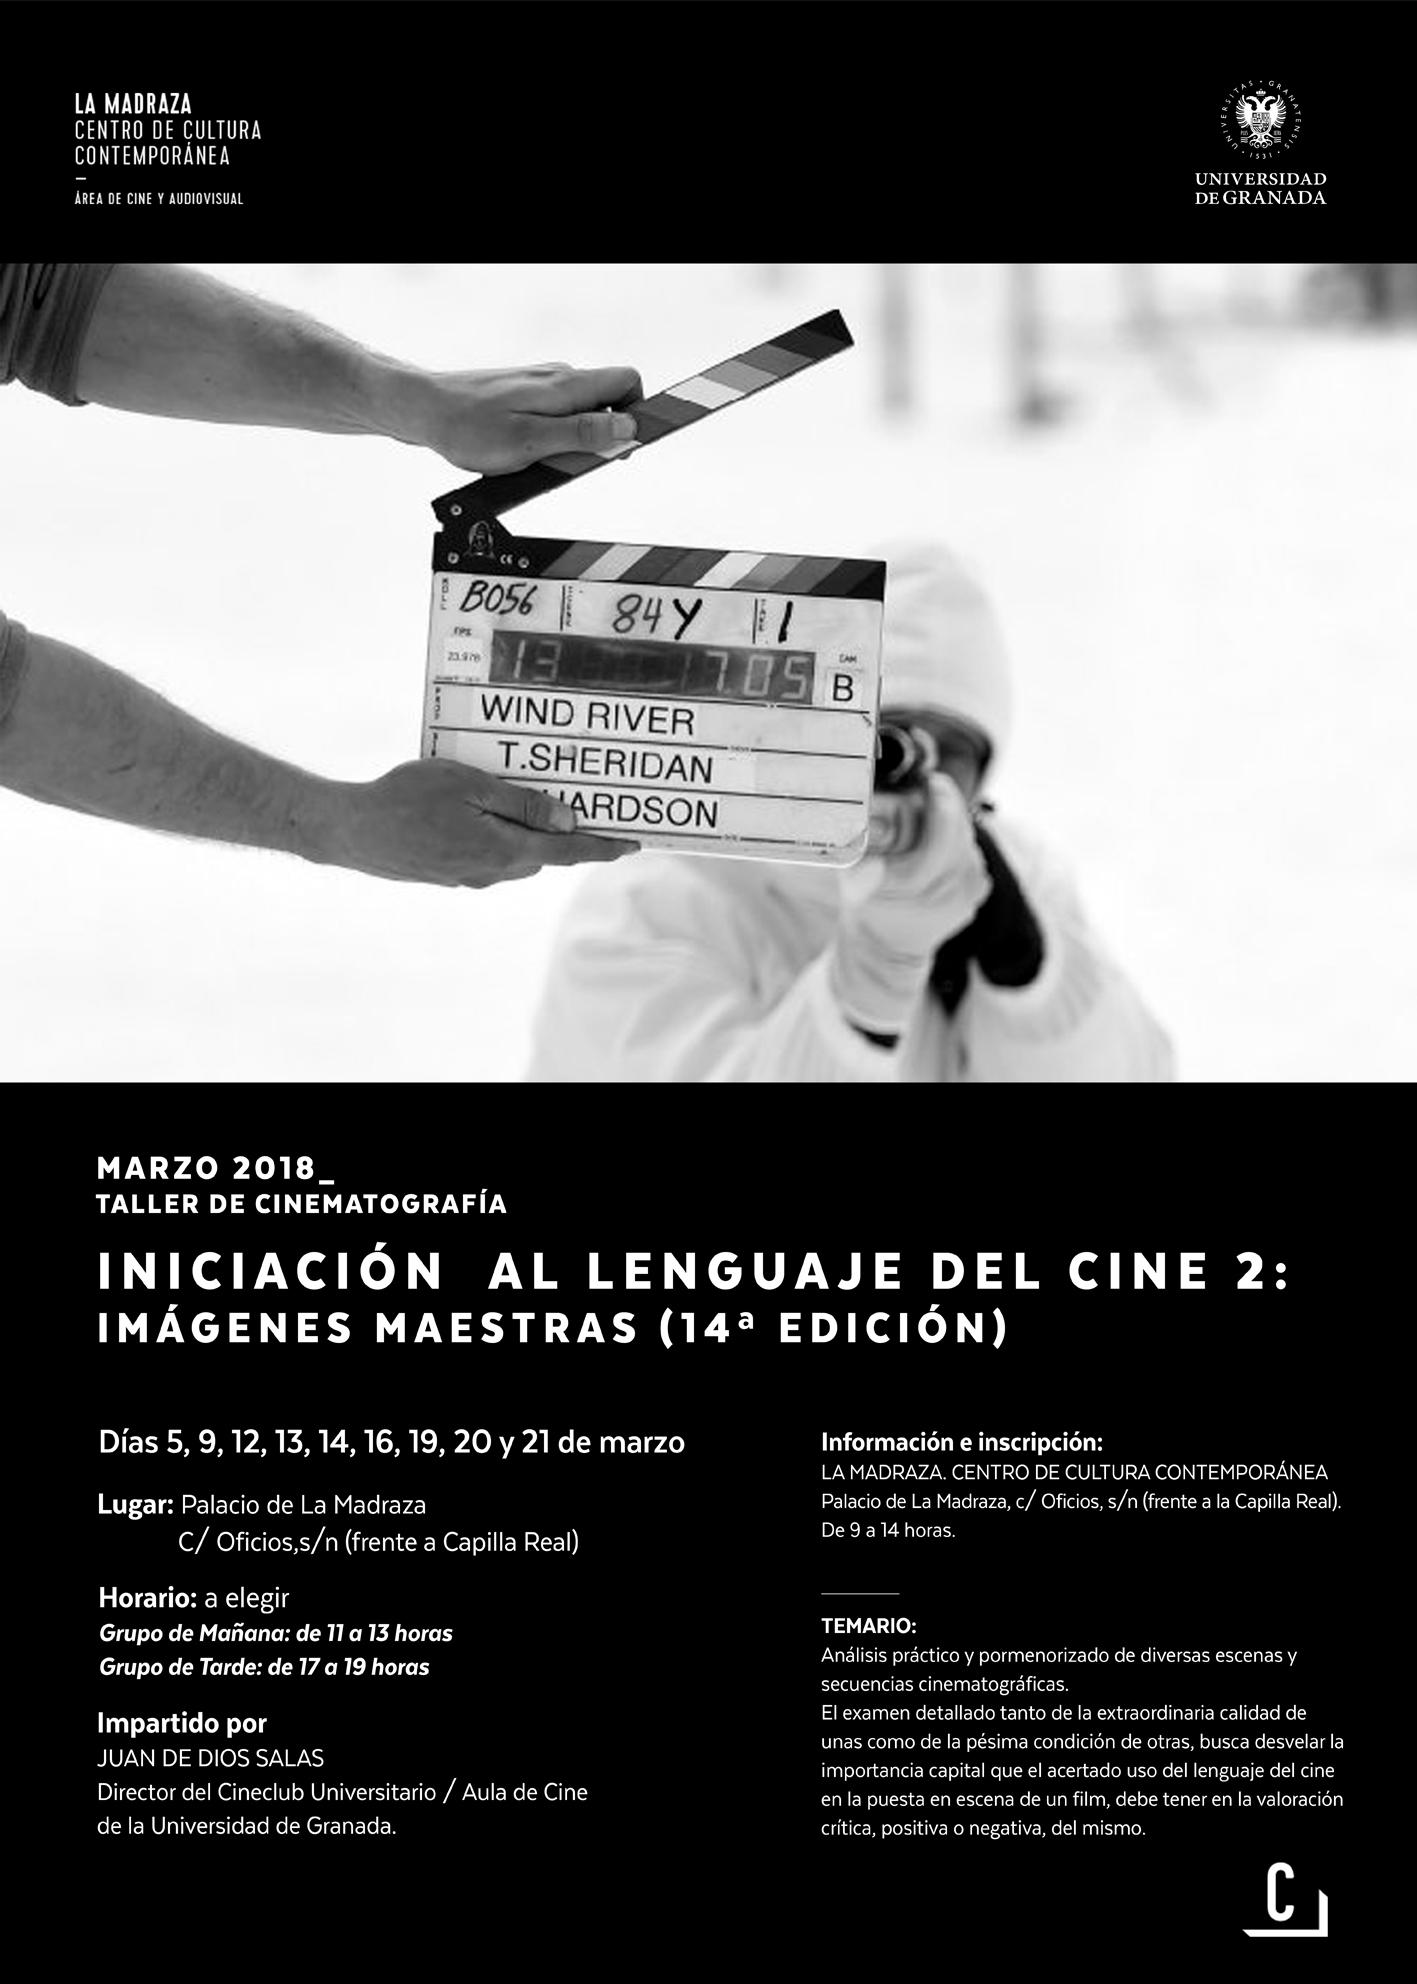 """Imagen de portada de Taller de cinematografía """"Iniciación al lenguaje del cine 2: Imágenes maestras (14ª ed.)"""